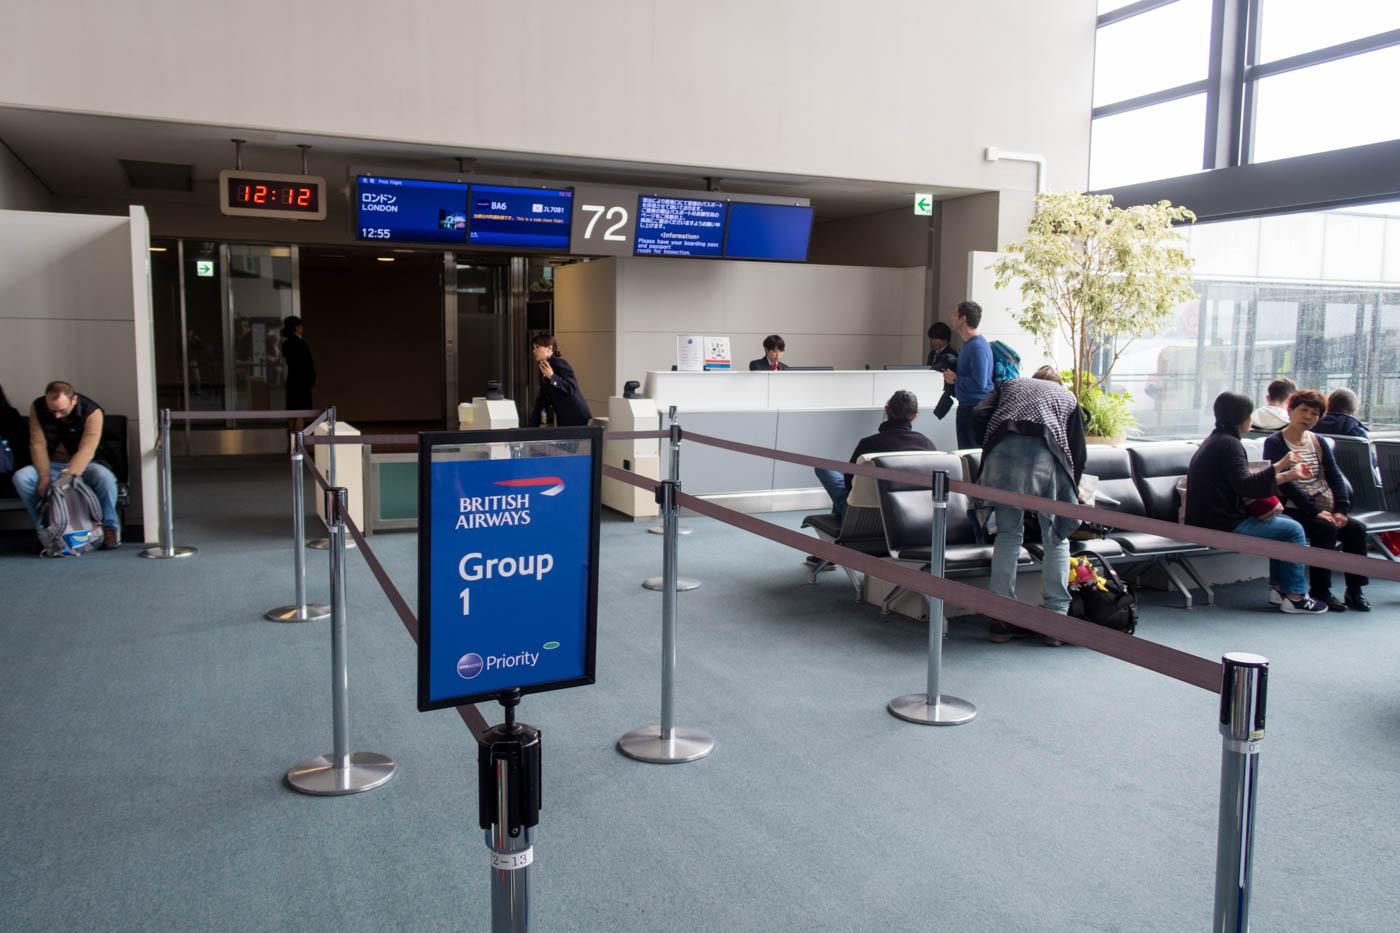 Boarding British Airways Flight 6